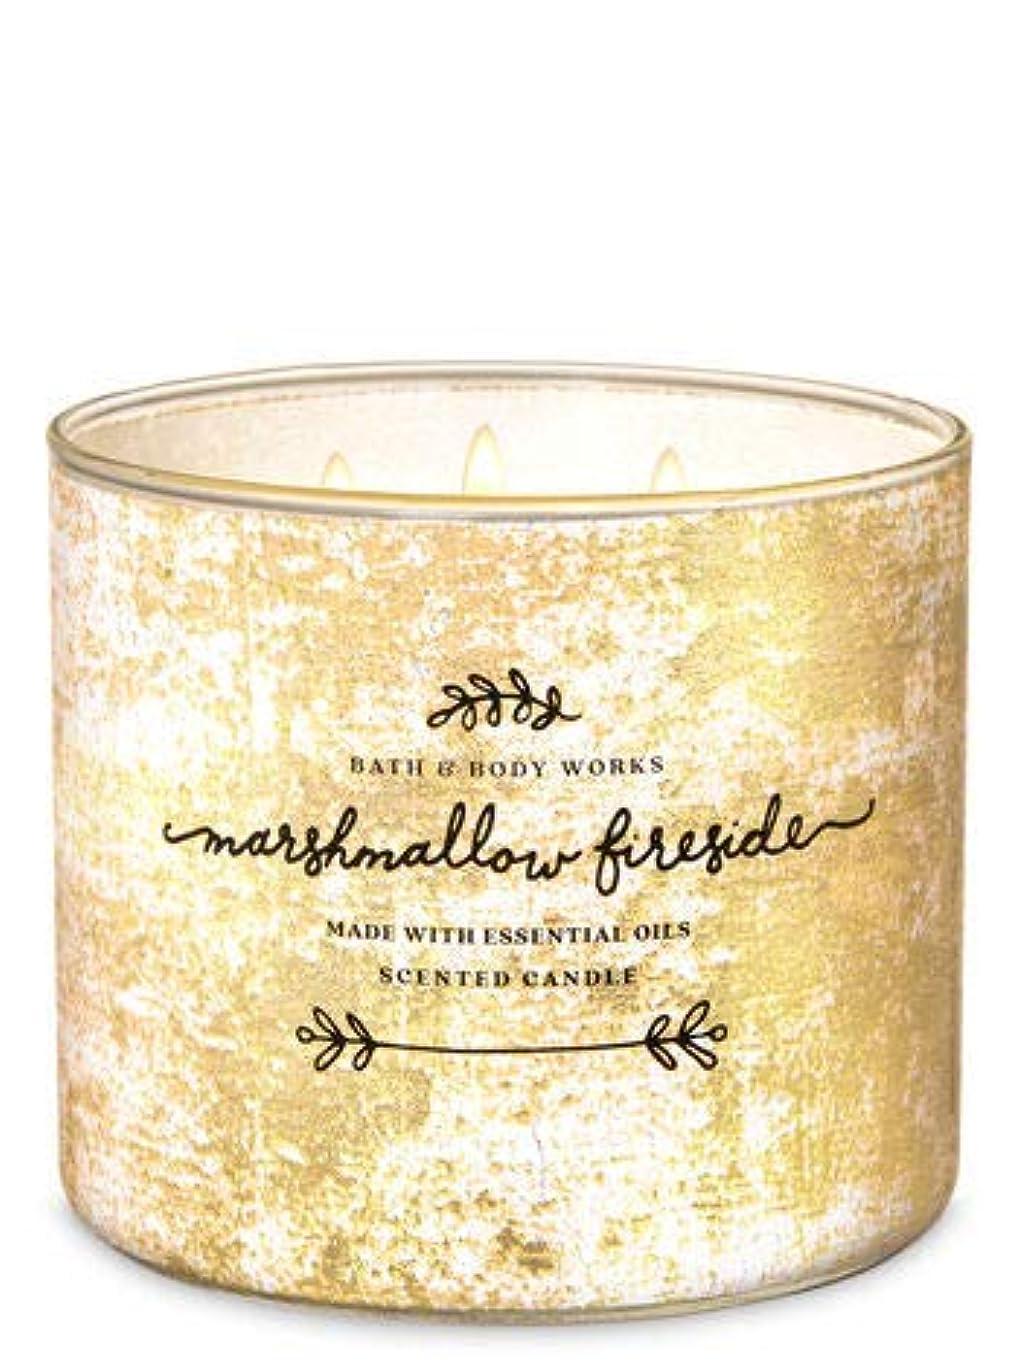 横向き栄光複雑な【Bath&Body Works/バス&ボディワークス】 アロマ キャンドル マシュマロファイヤーサイド 3-Wick Scented Candle Marshmallow Fireside 14.5oz/411g [並行輸入品]